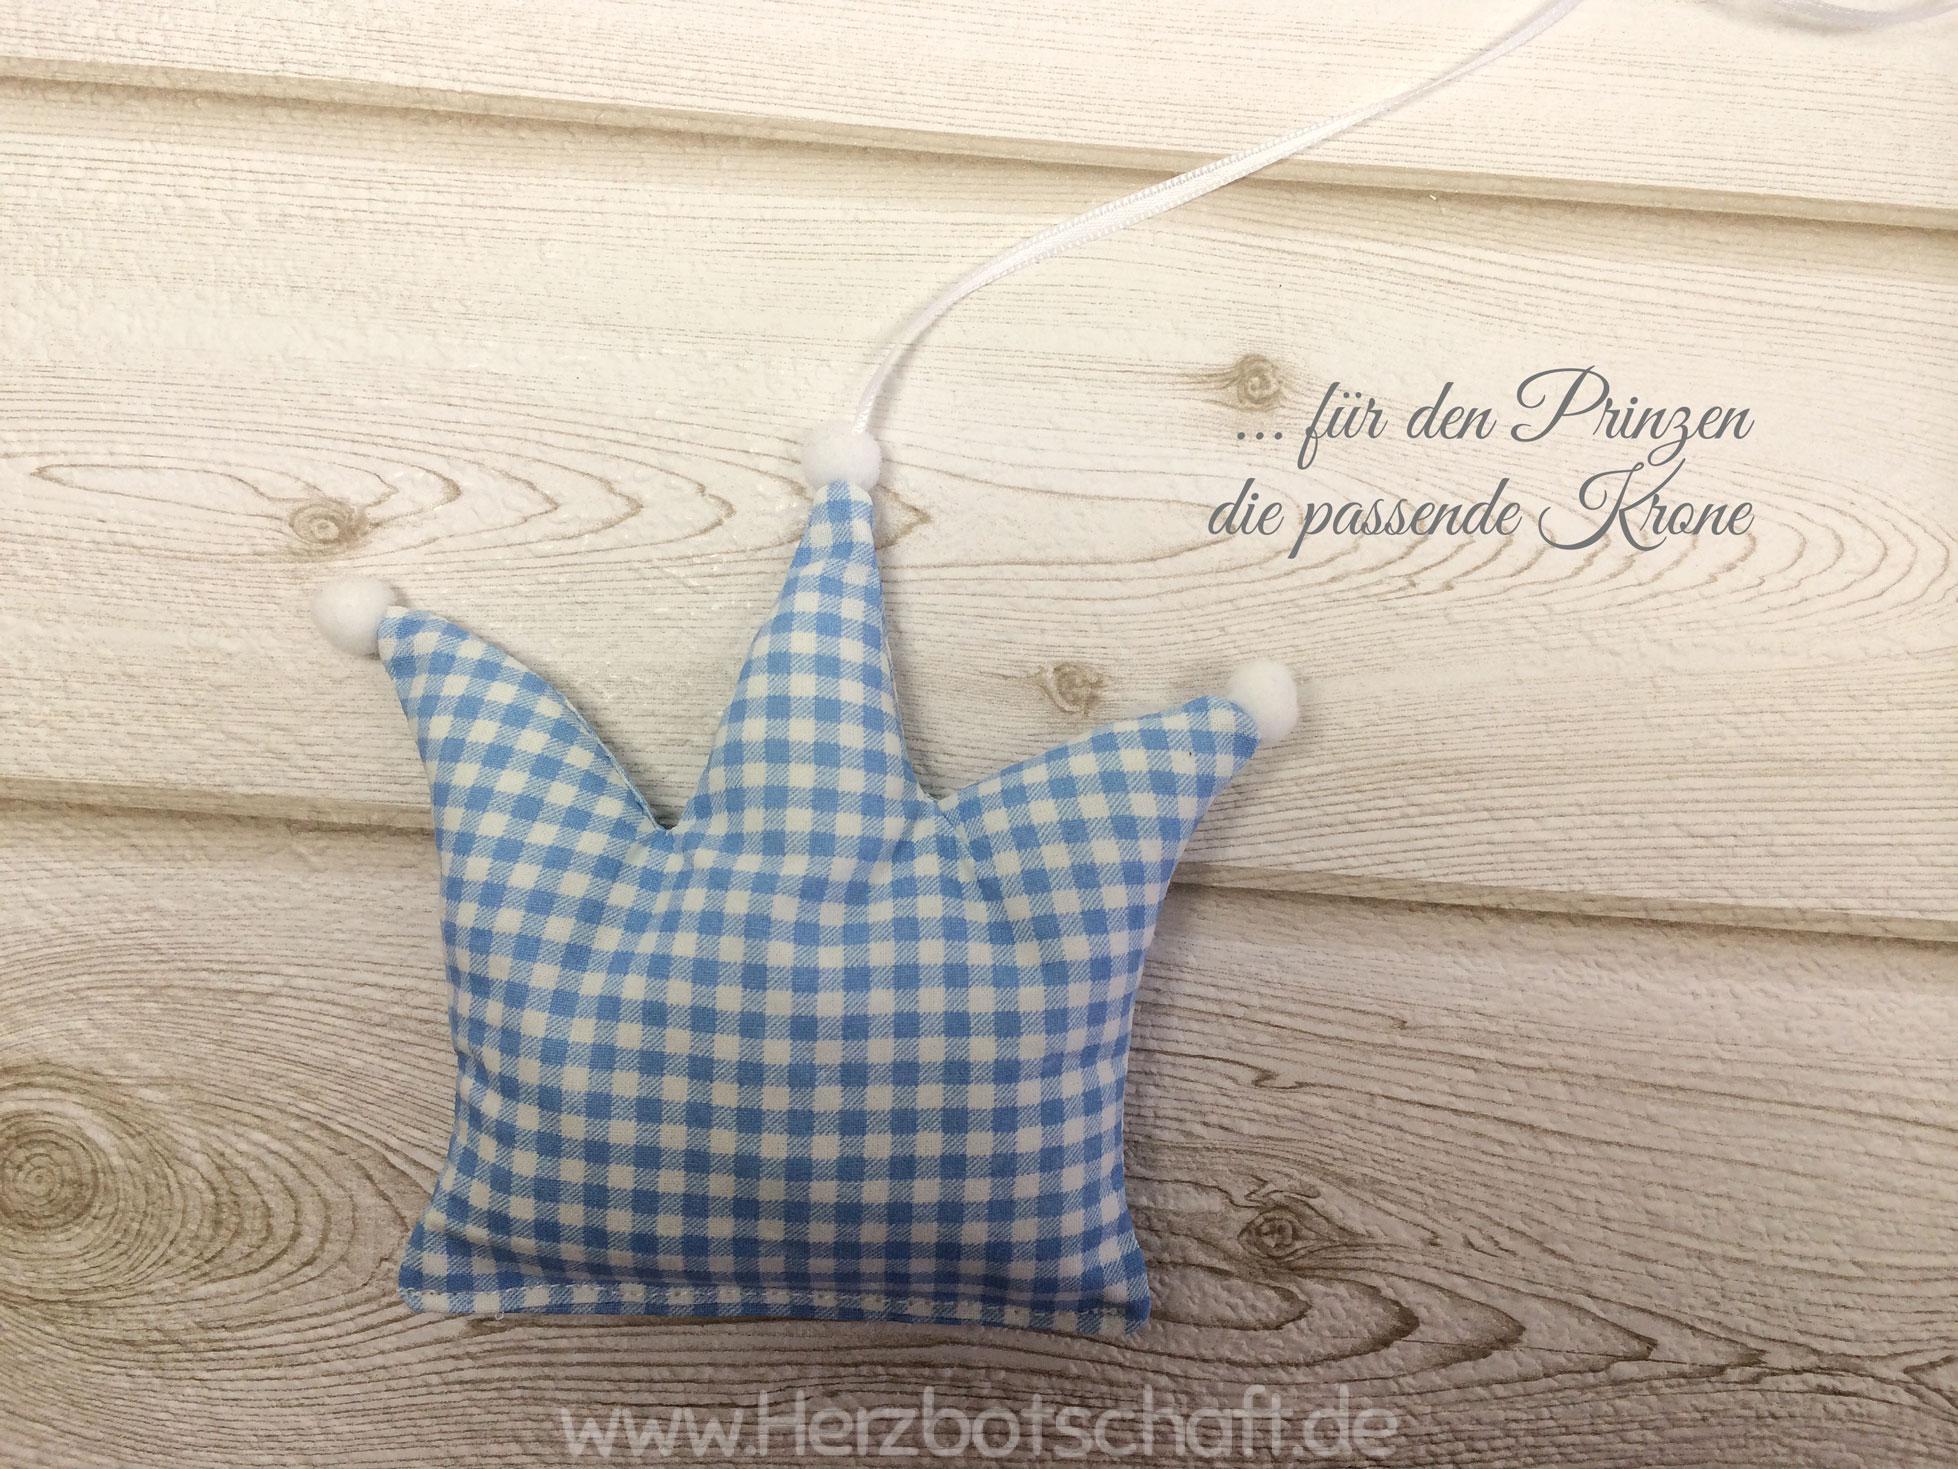 Genähte krönchen als babyzimmer deko   ♥ herzbotschaft.de